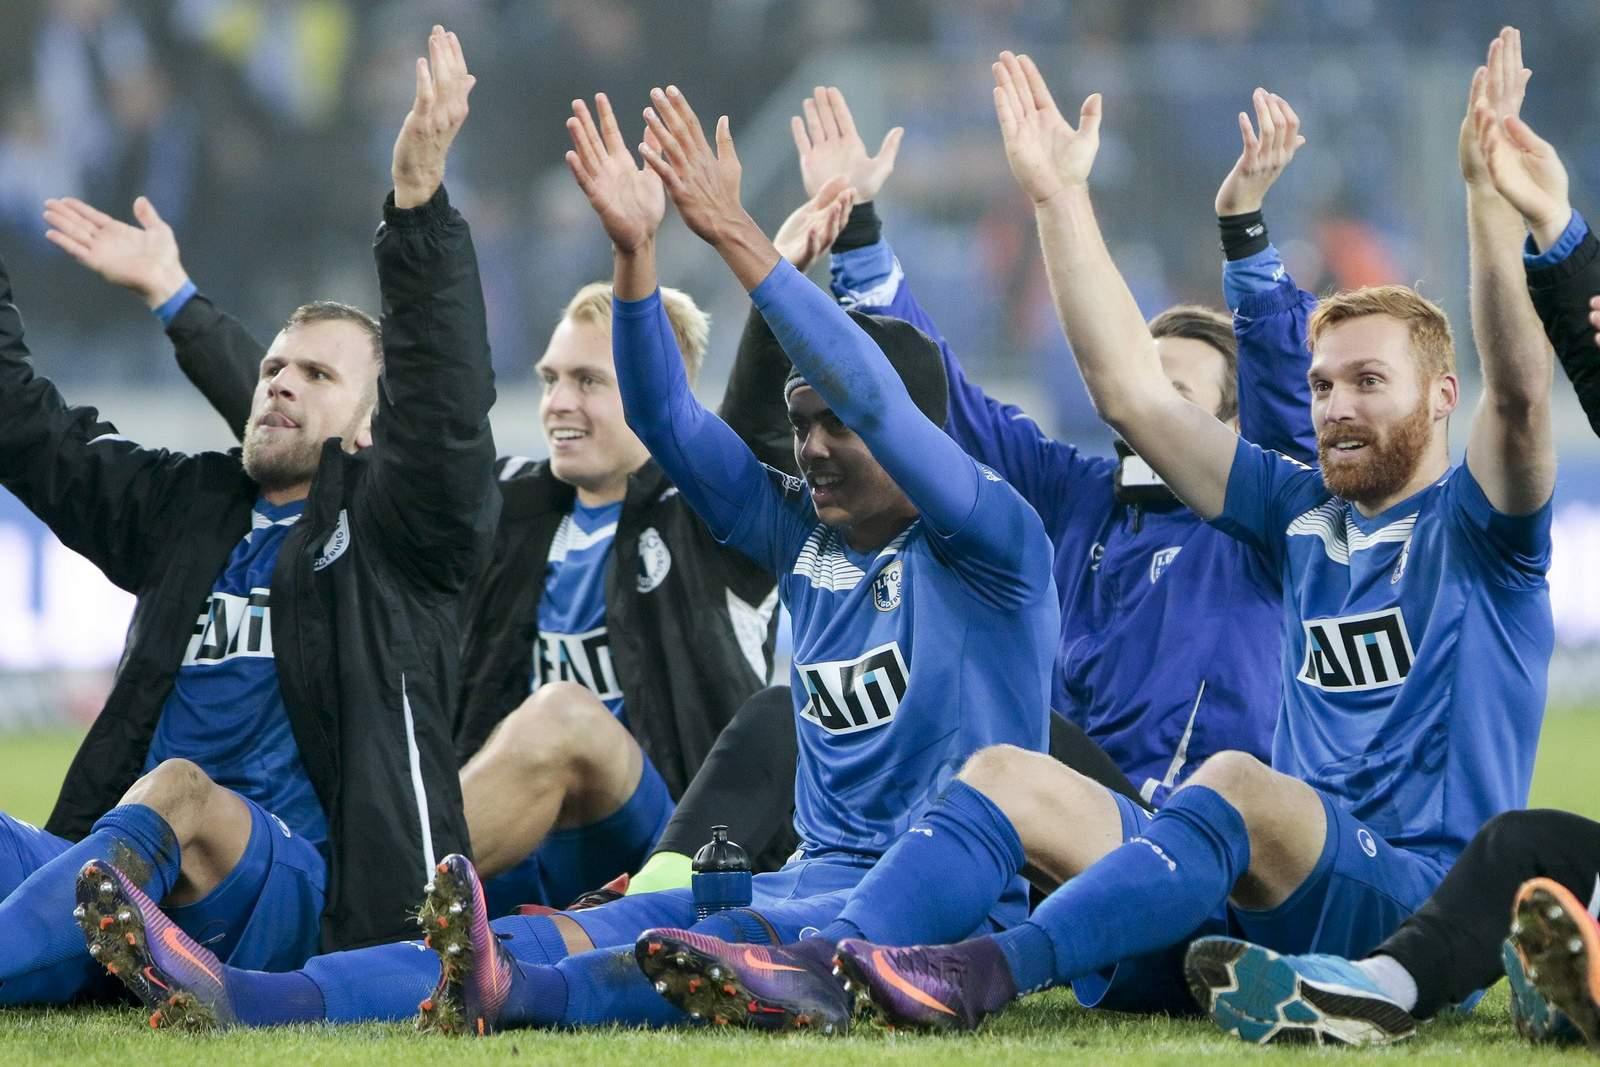 Die Magdeburger Spieler feiern mit ihren Fans.